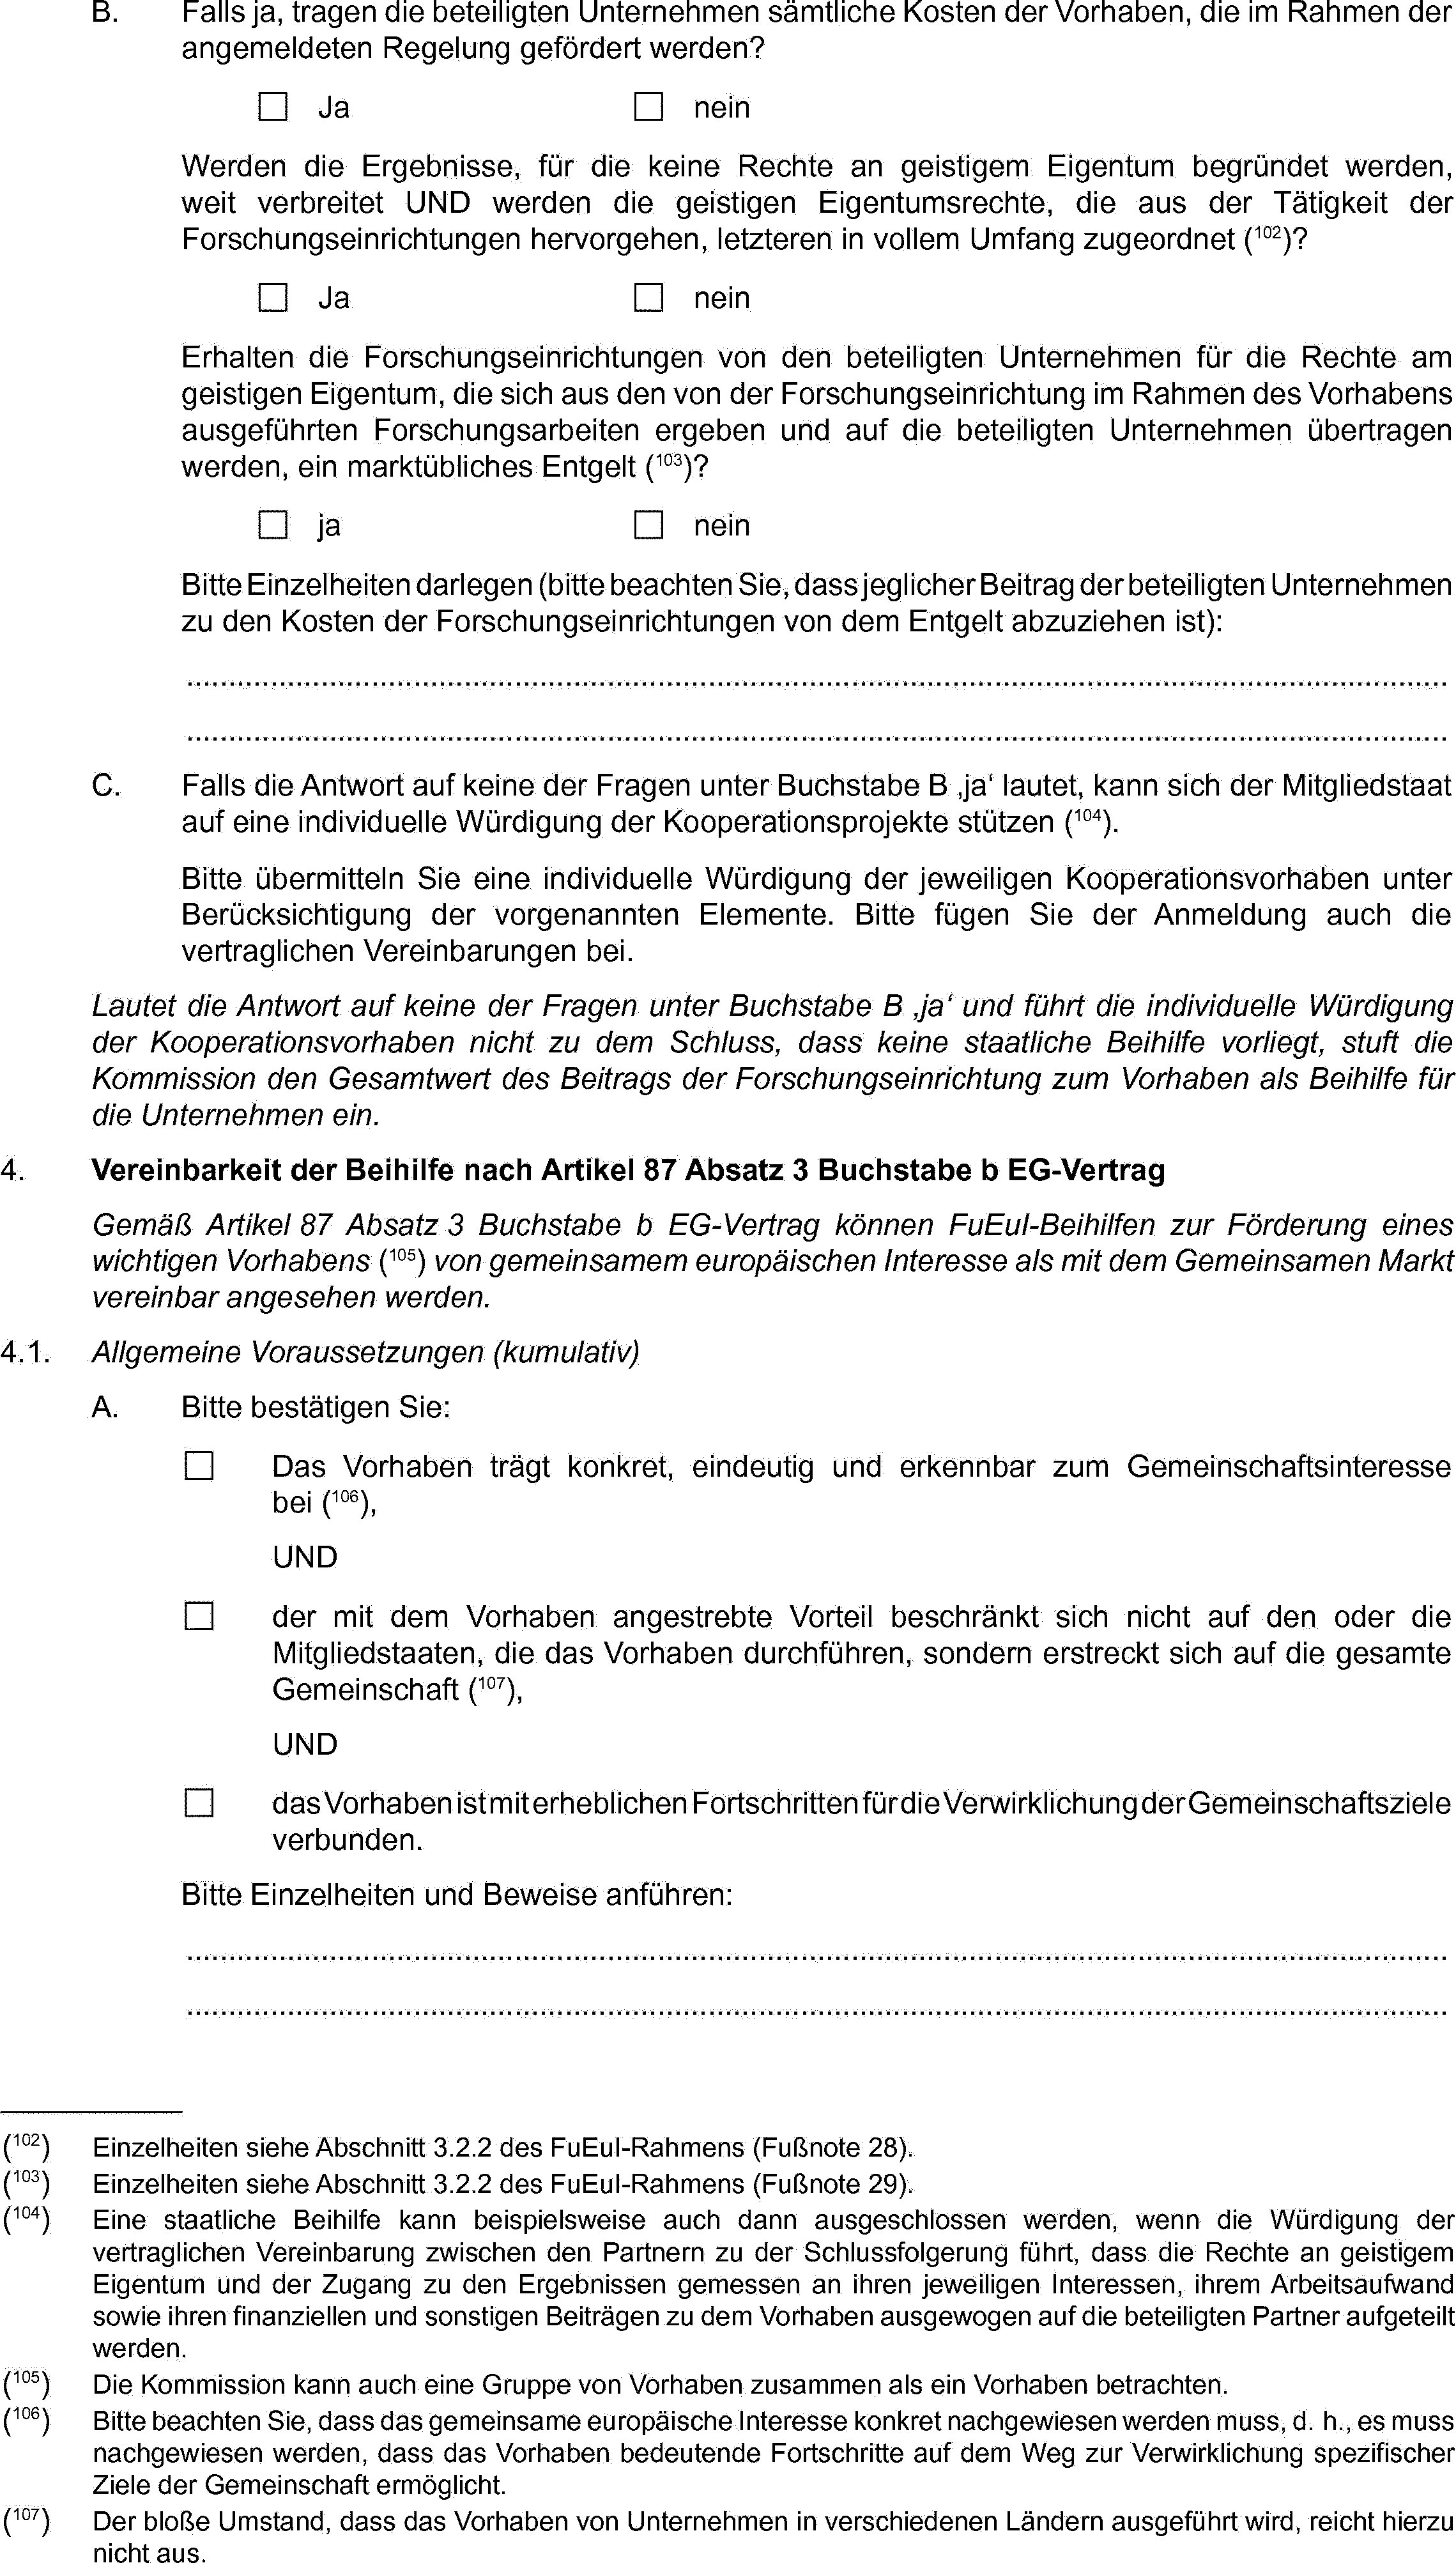 Enchanting Beispiel Partnerschaft Vorschlag Vorlage Pattern ...